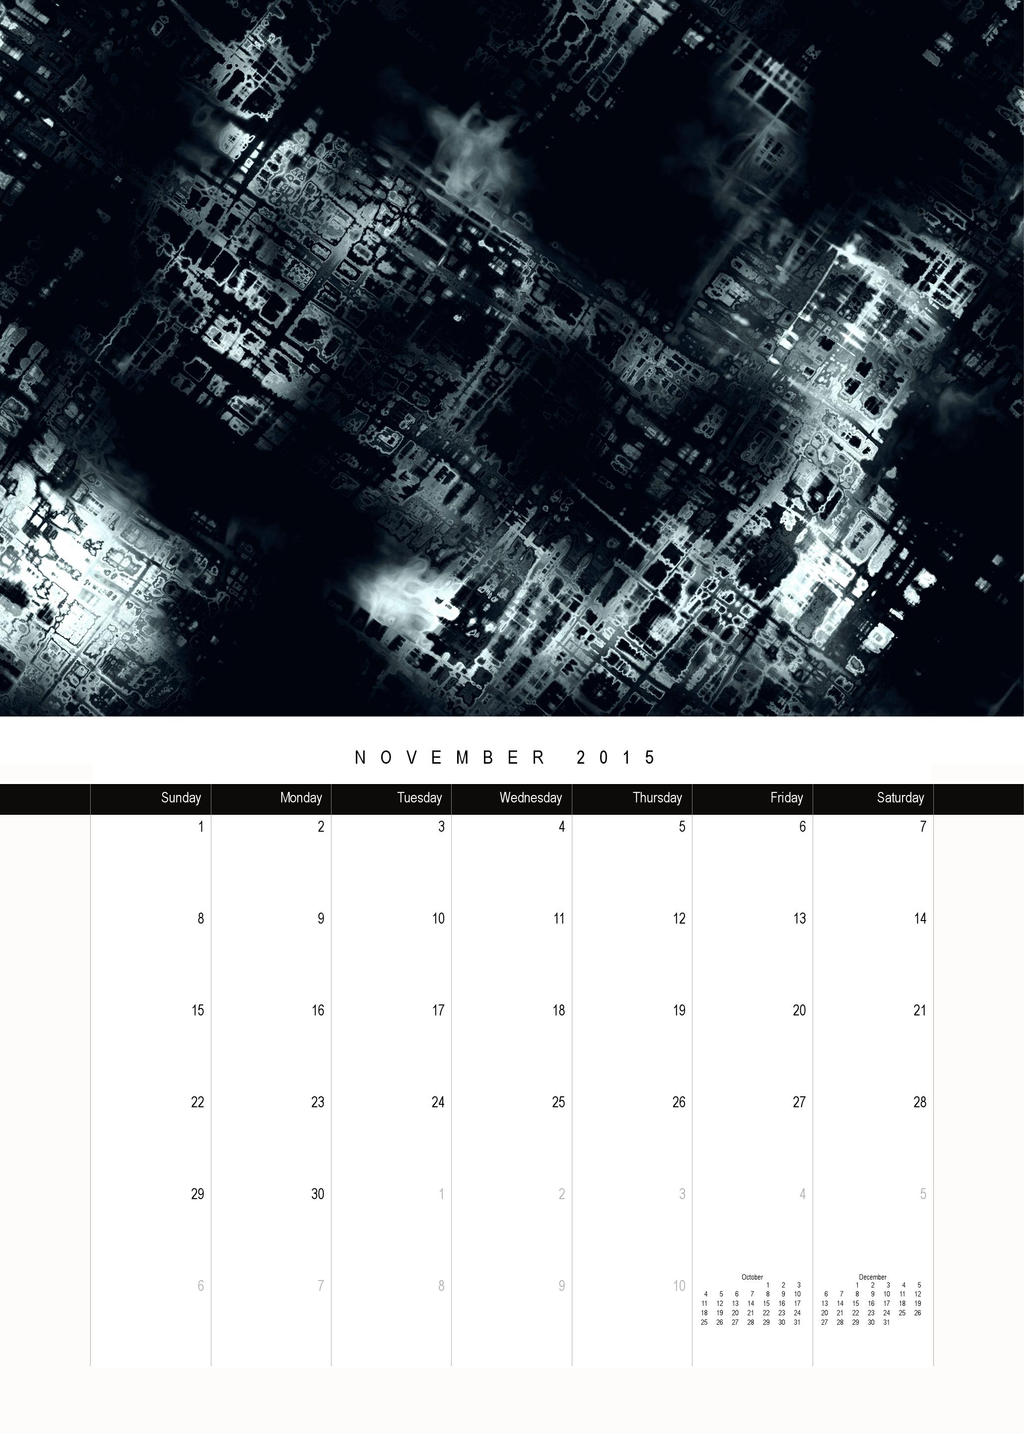 2015-calendar-artmatic-premium-mauxuam 000012 by mauxuam